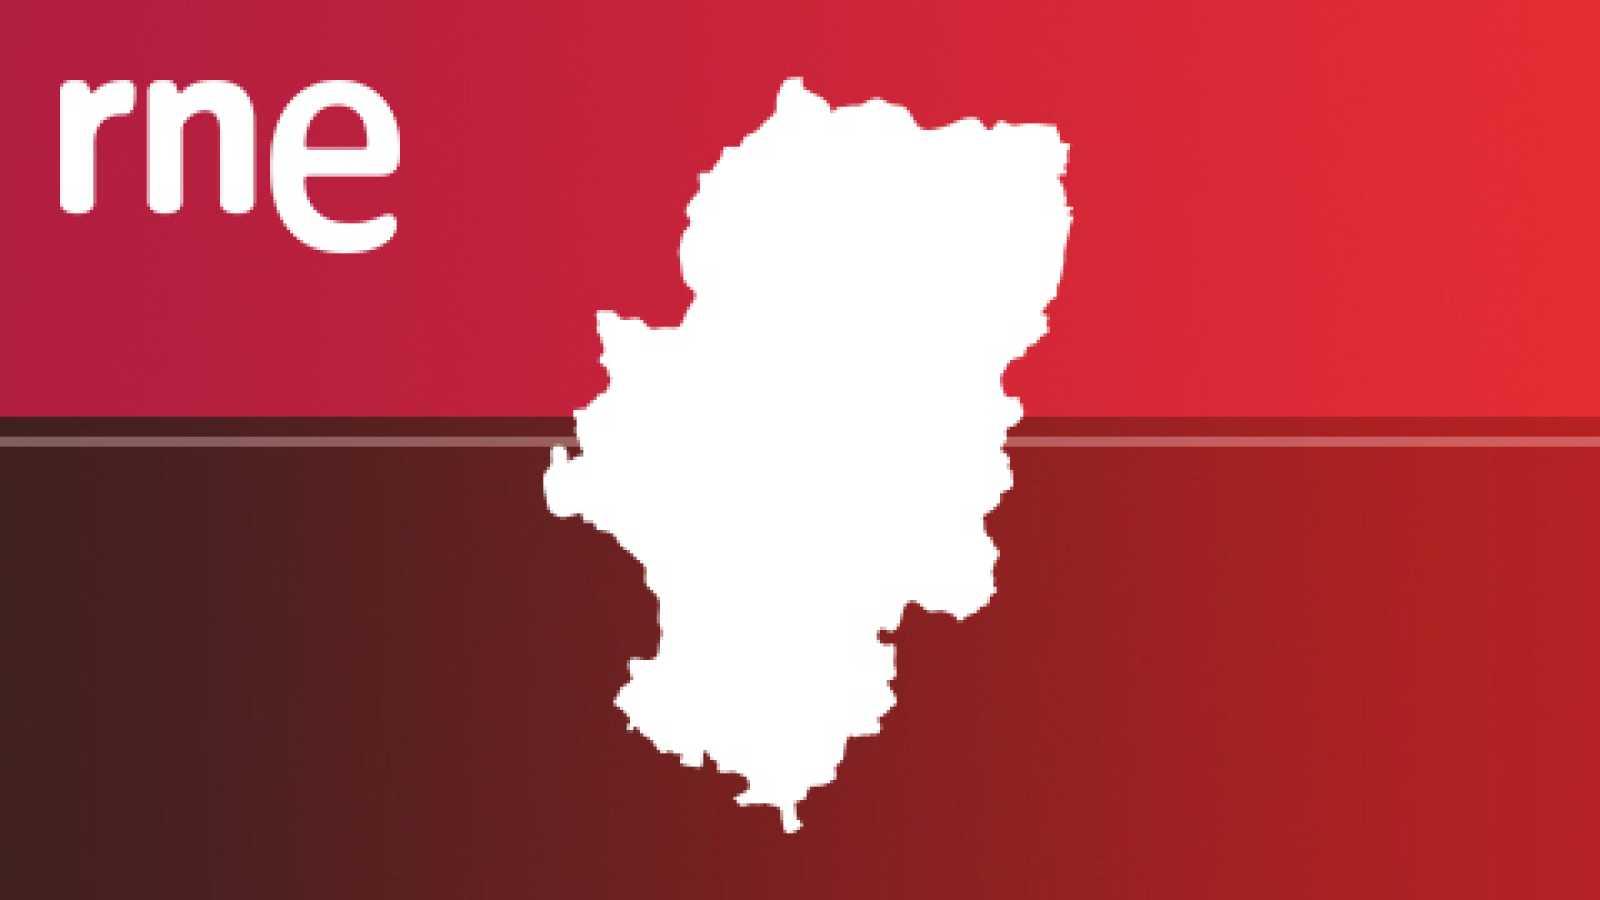 Crónica de Aragón - Javier Lambán ha anunciado que a finales de octubre se aprobará un decreto ley por el que se agilizarán los trámites administrativos a las empresas - 22/09/2020 - Escuchar ahora